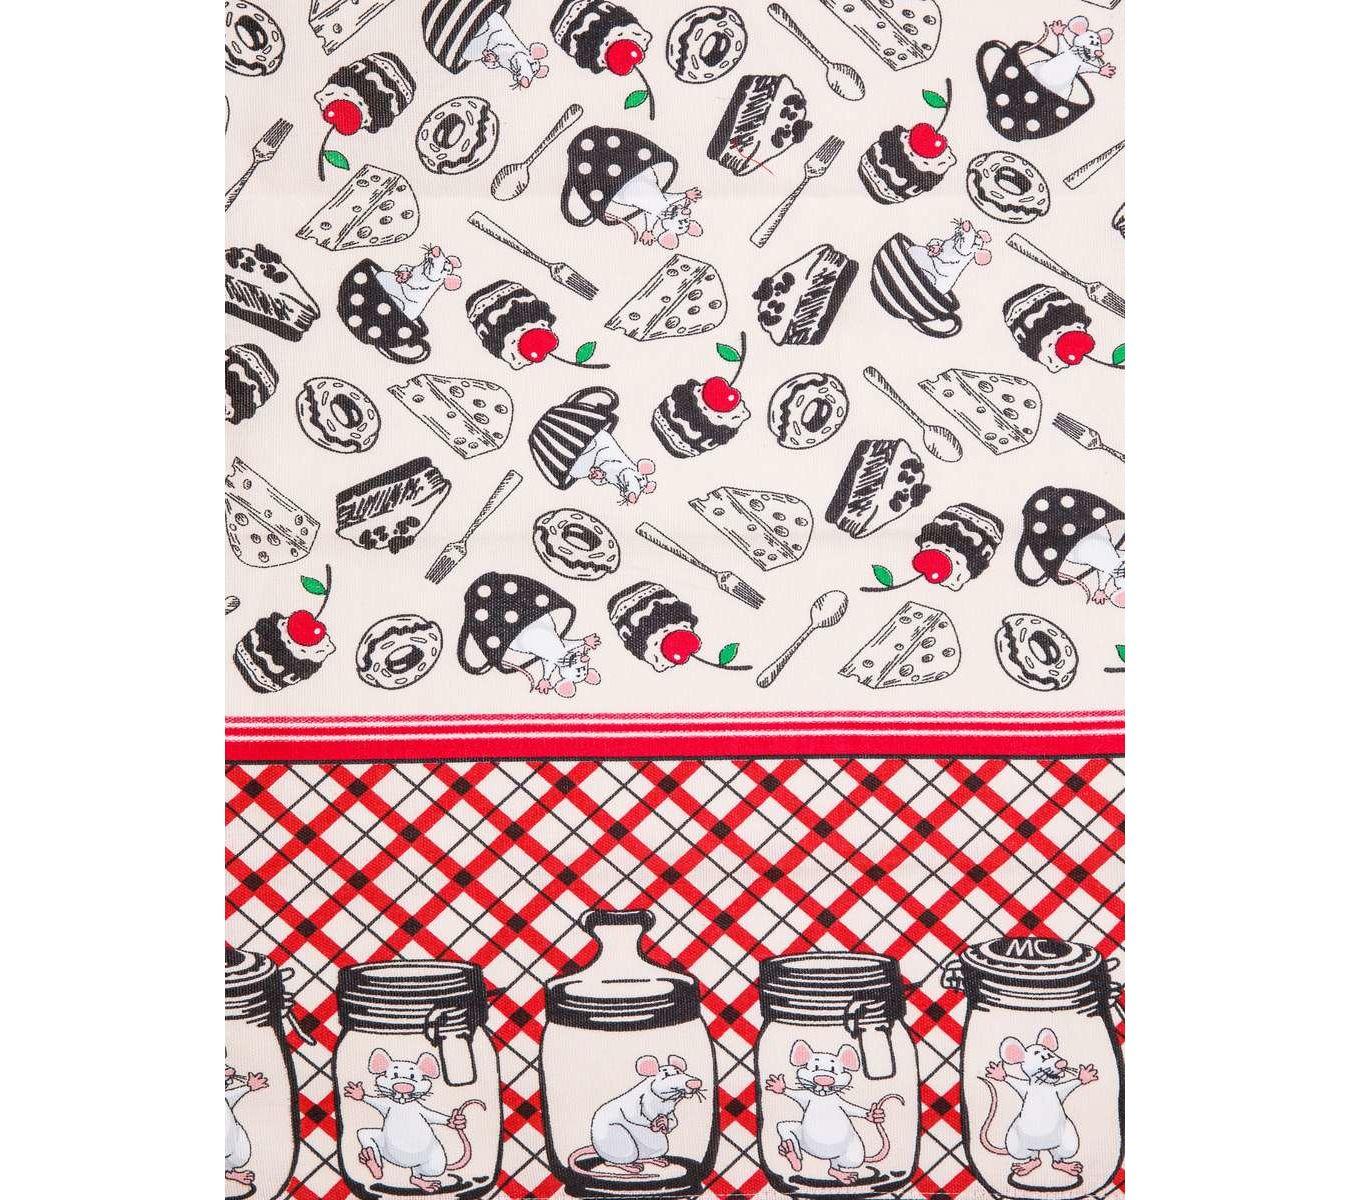 Кухонное полотенце Мыши в банках цвет: красный, зеленый (45х73 см - 2 шт)